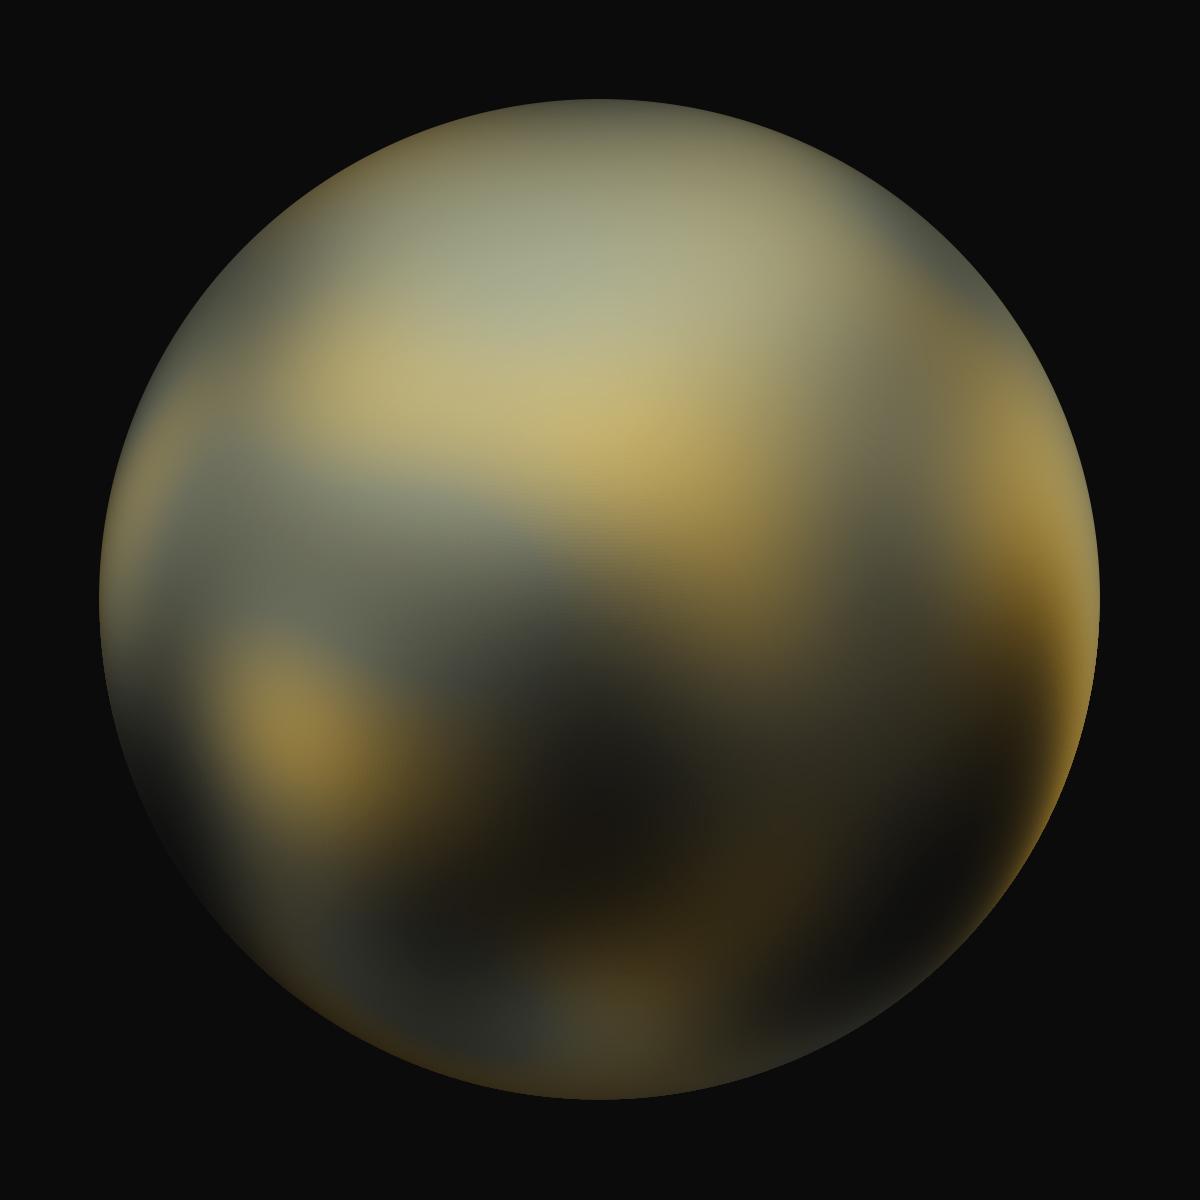 Pluto